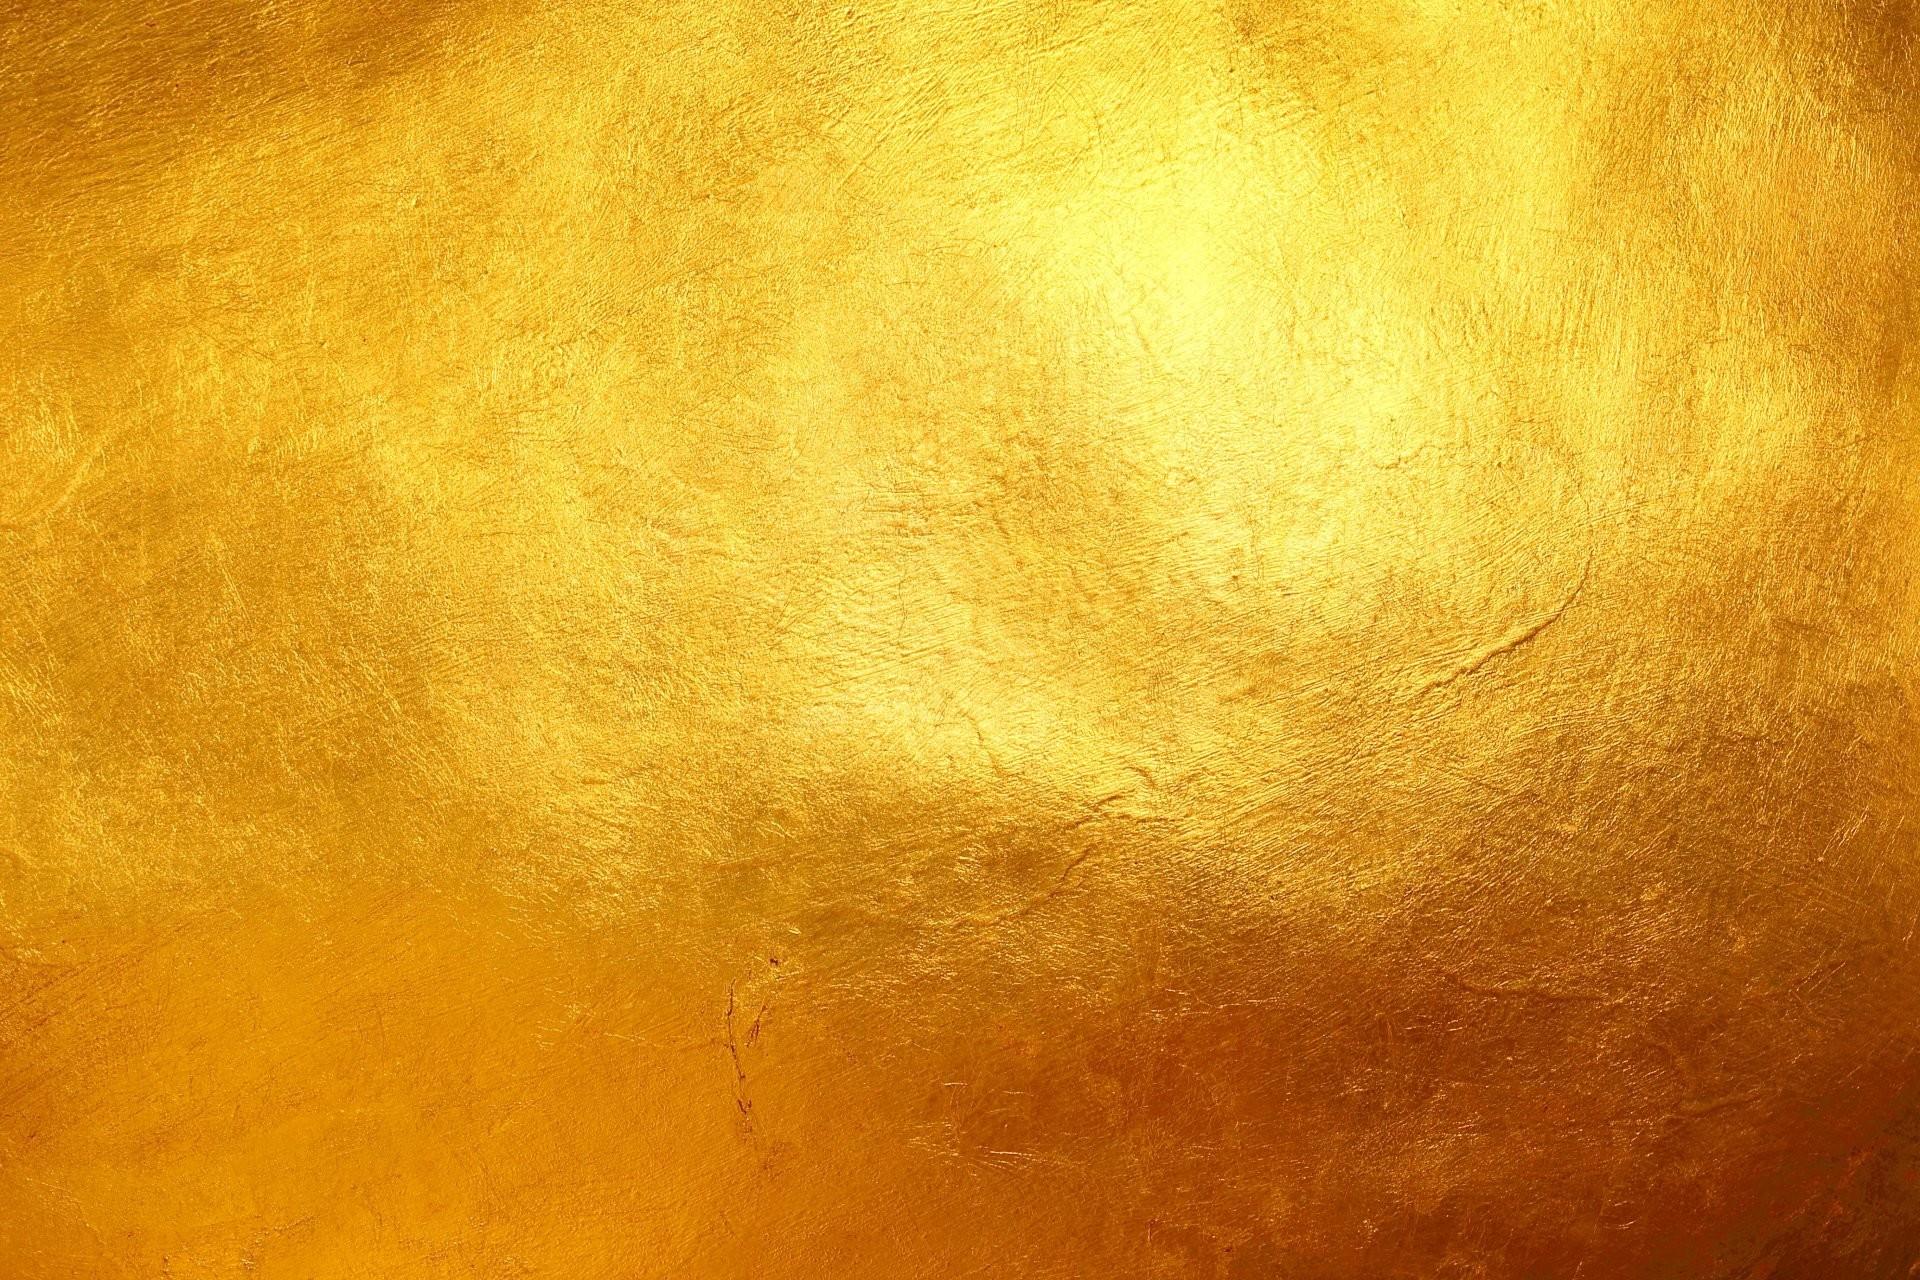 Resultado de imagem para gold texture